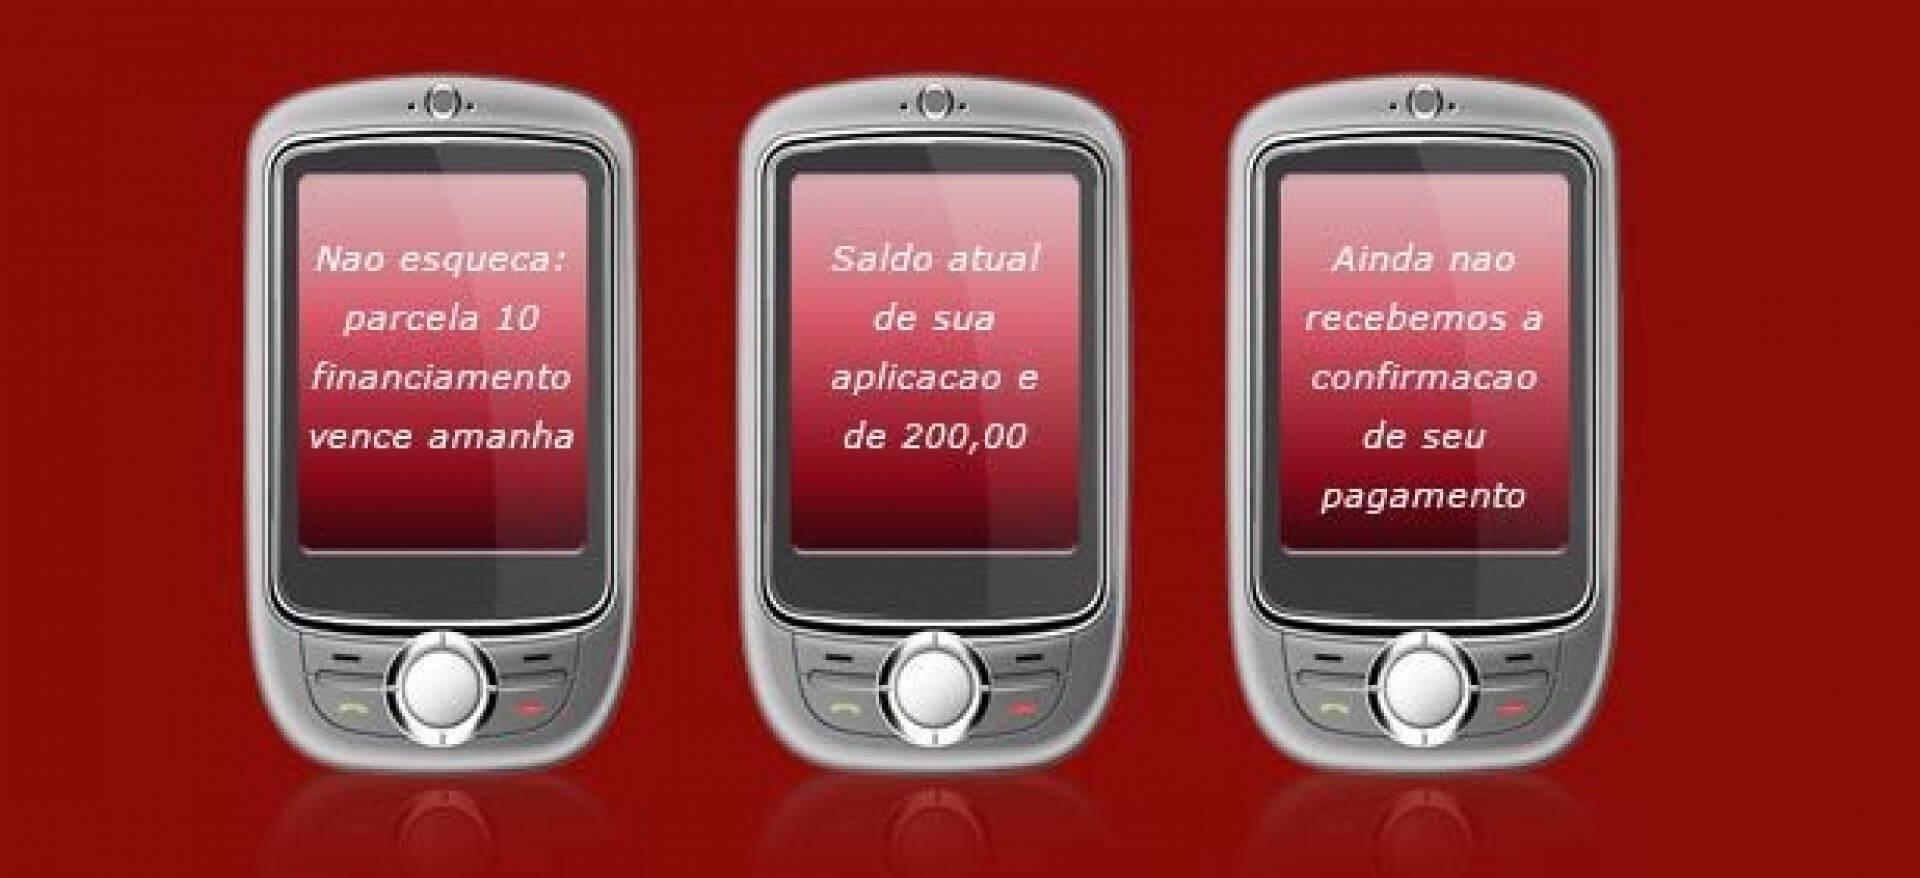 Cobrança de pagamentos via telefone e SMS batem recorde, aponta estudo